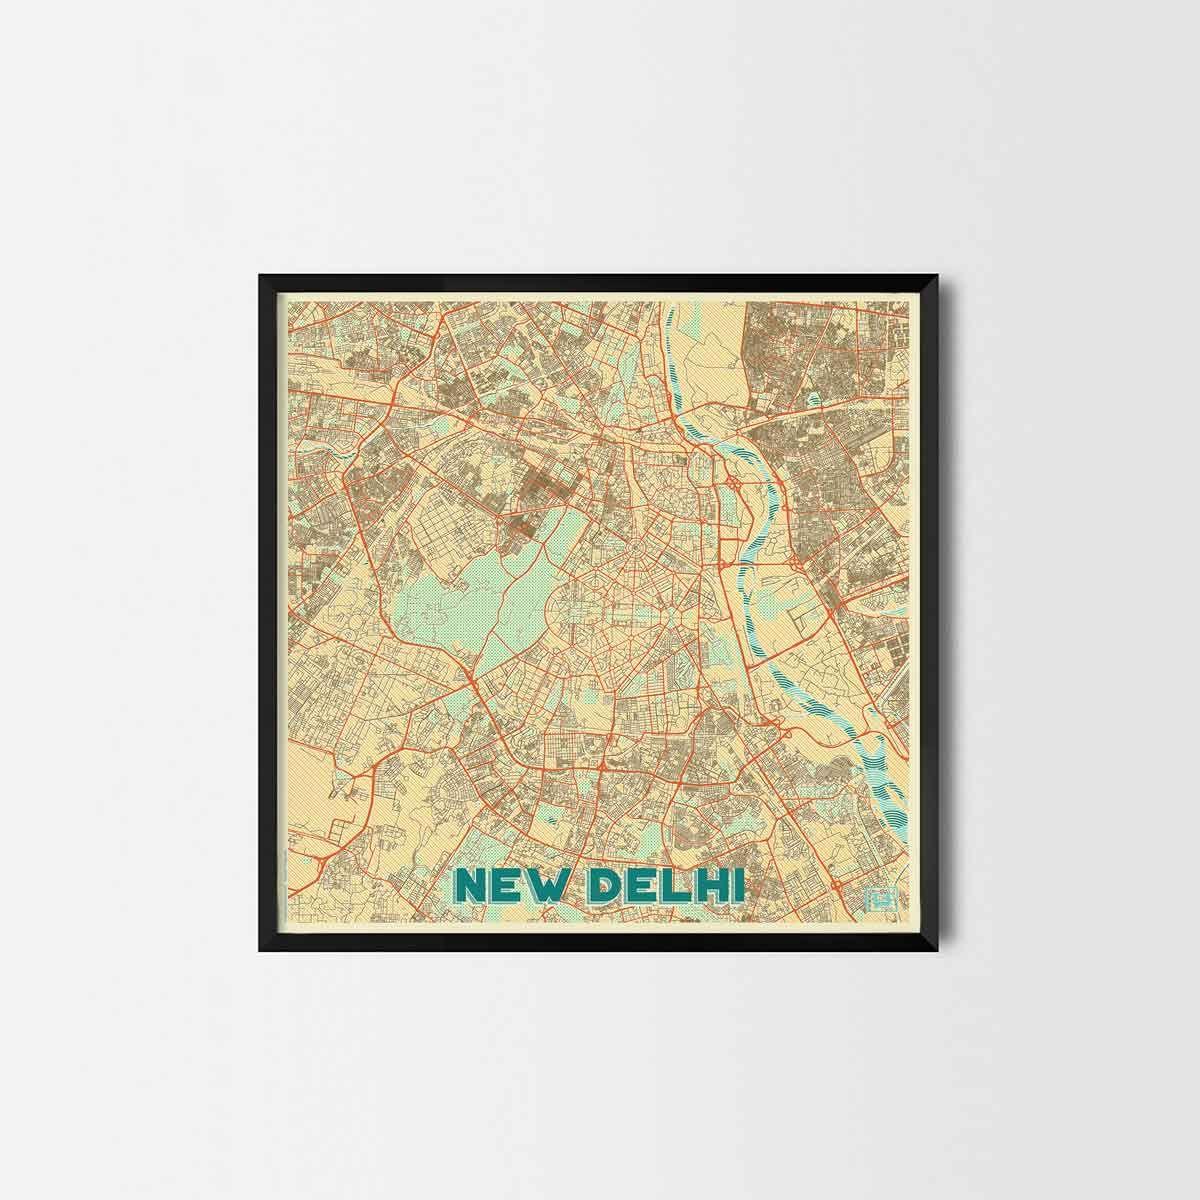 New Delhi City Prints - City Art Posters and Map Prints | Art ...